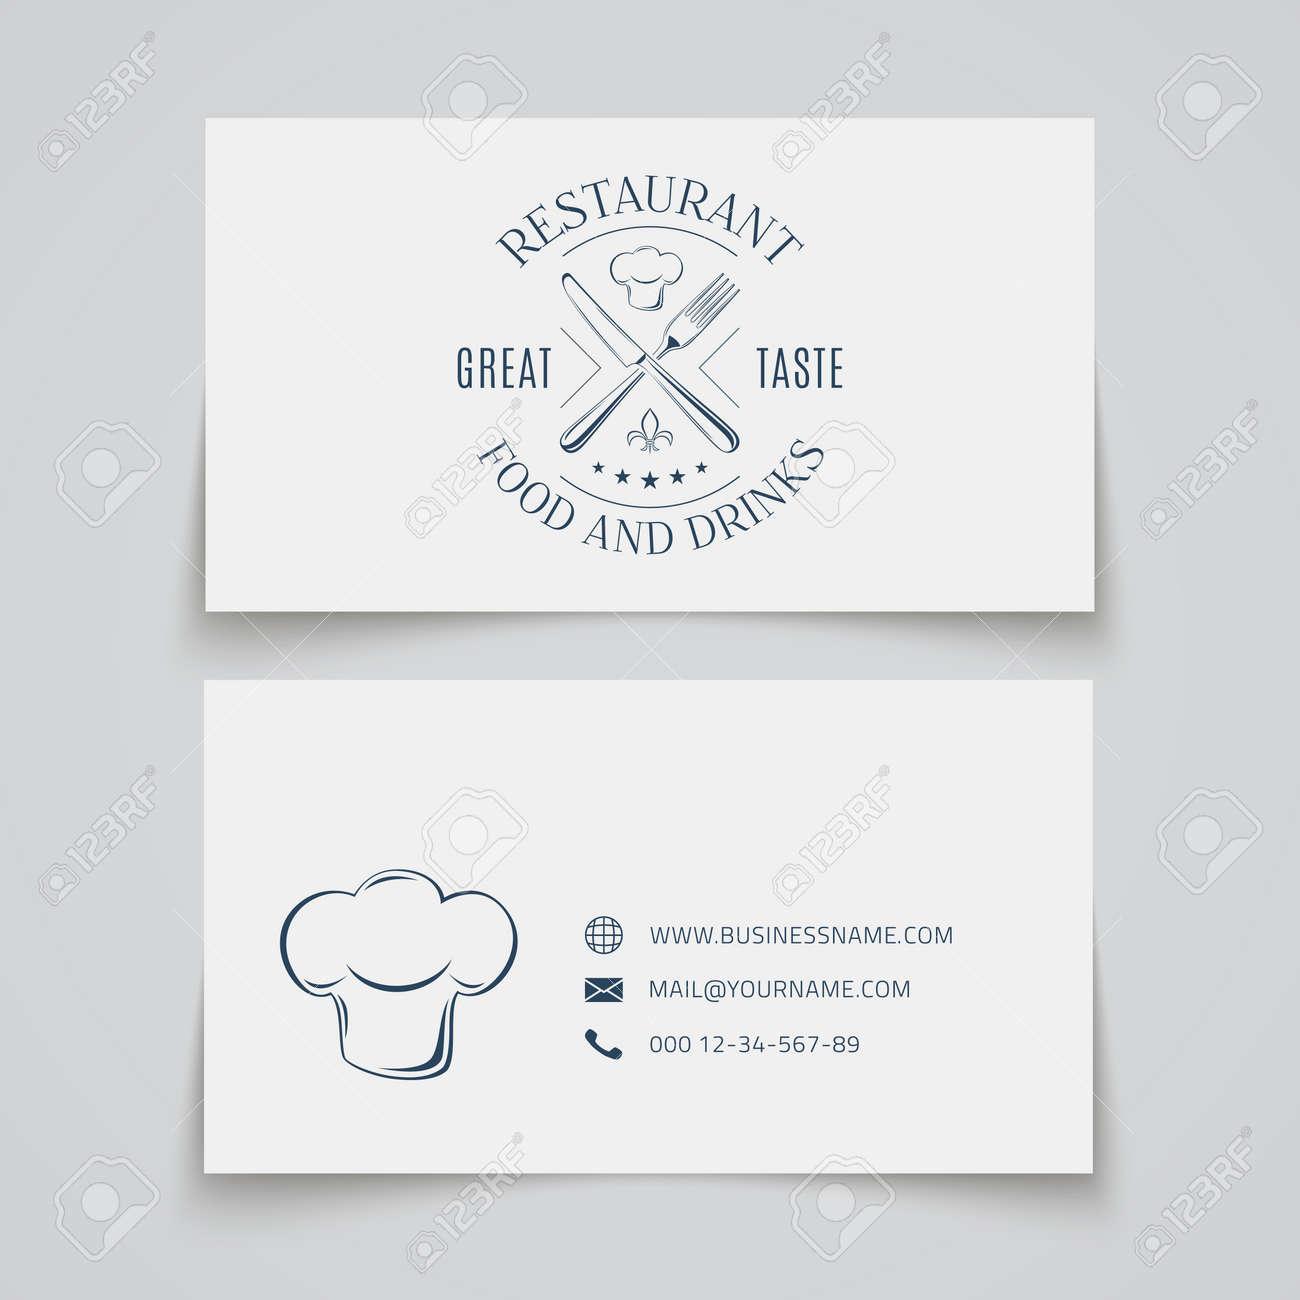 Modle De Carte Visite Avec Logo Pour Un Restaurant Caf